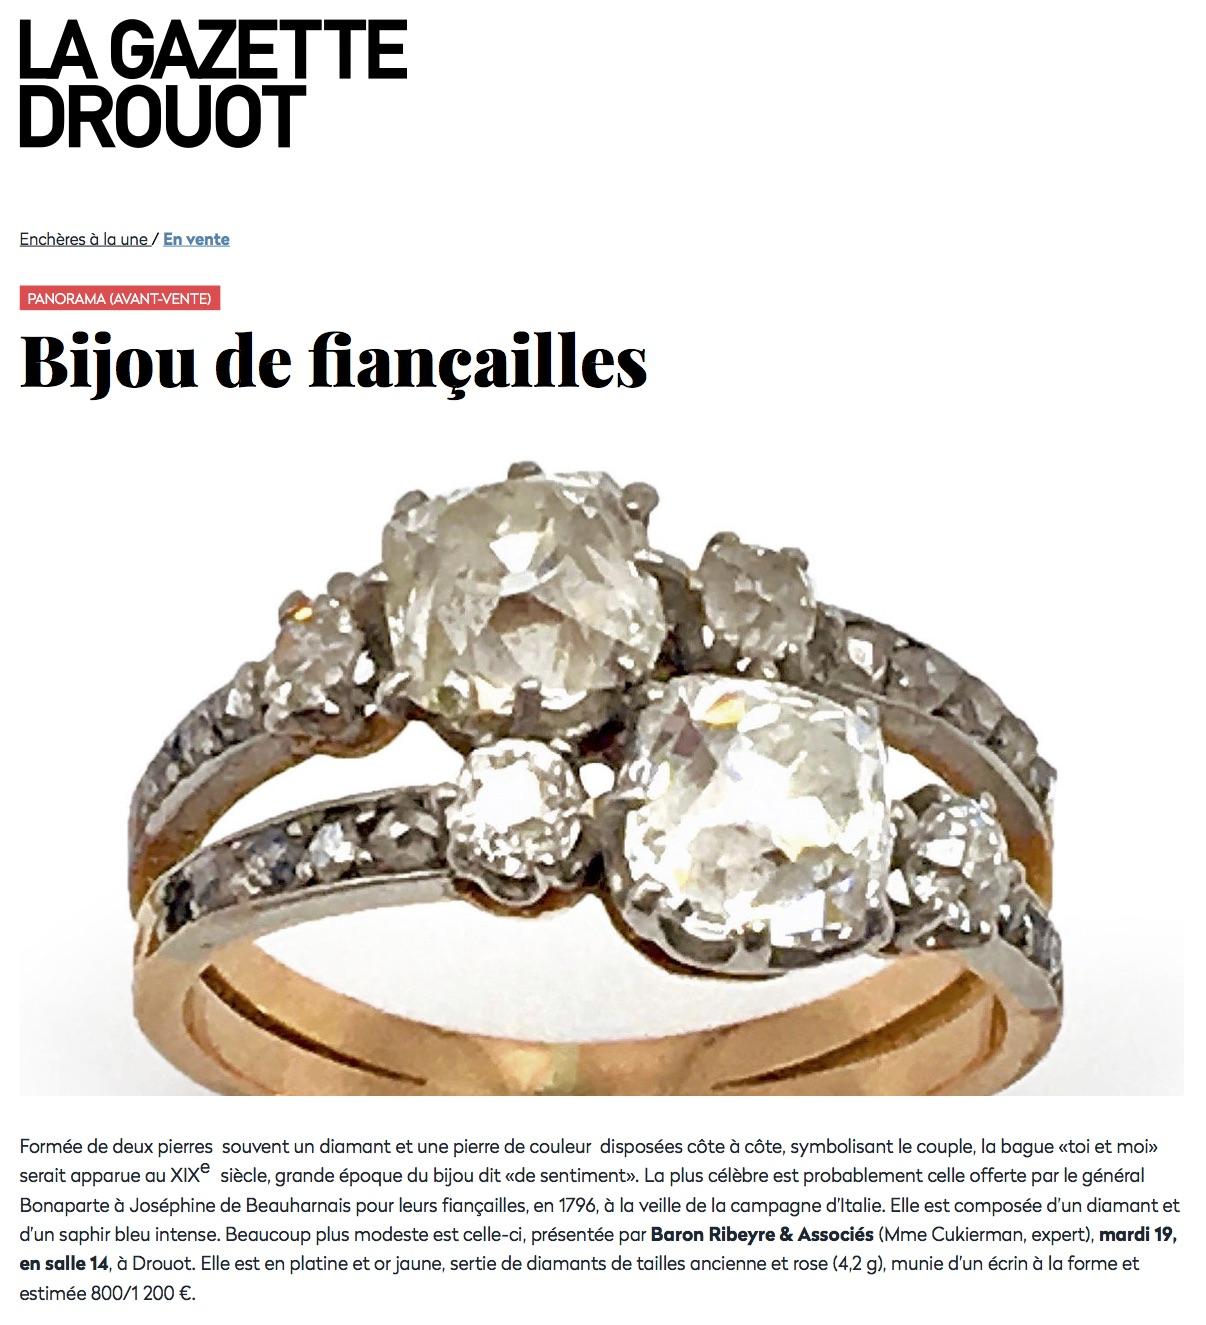 Avant-vente - Bijou de fiançailles Expert Cukierman vente aux encheres jewellery and watches